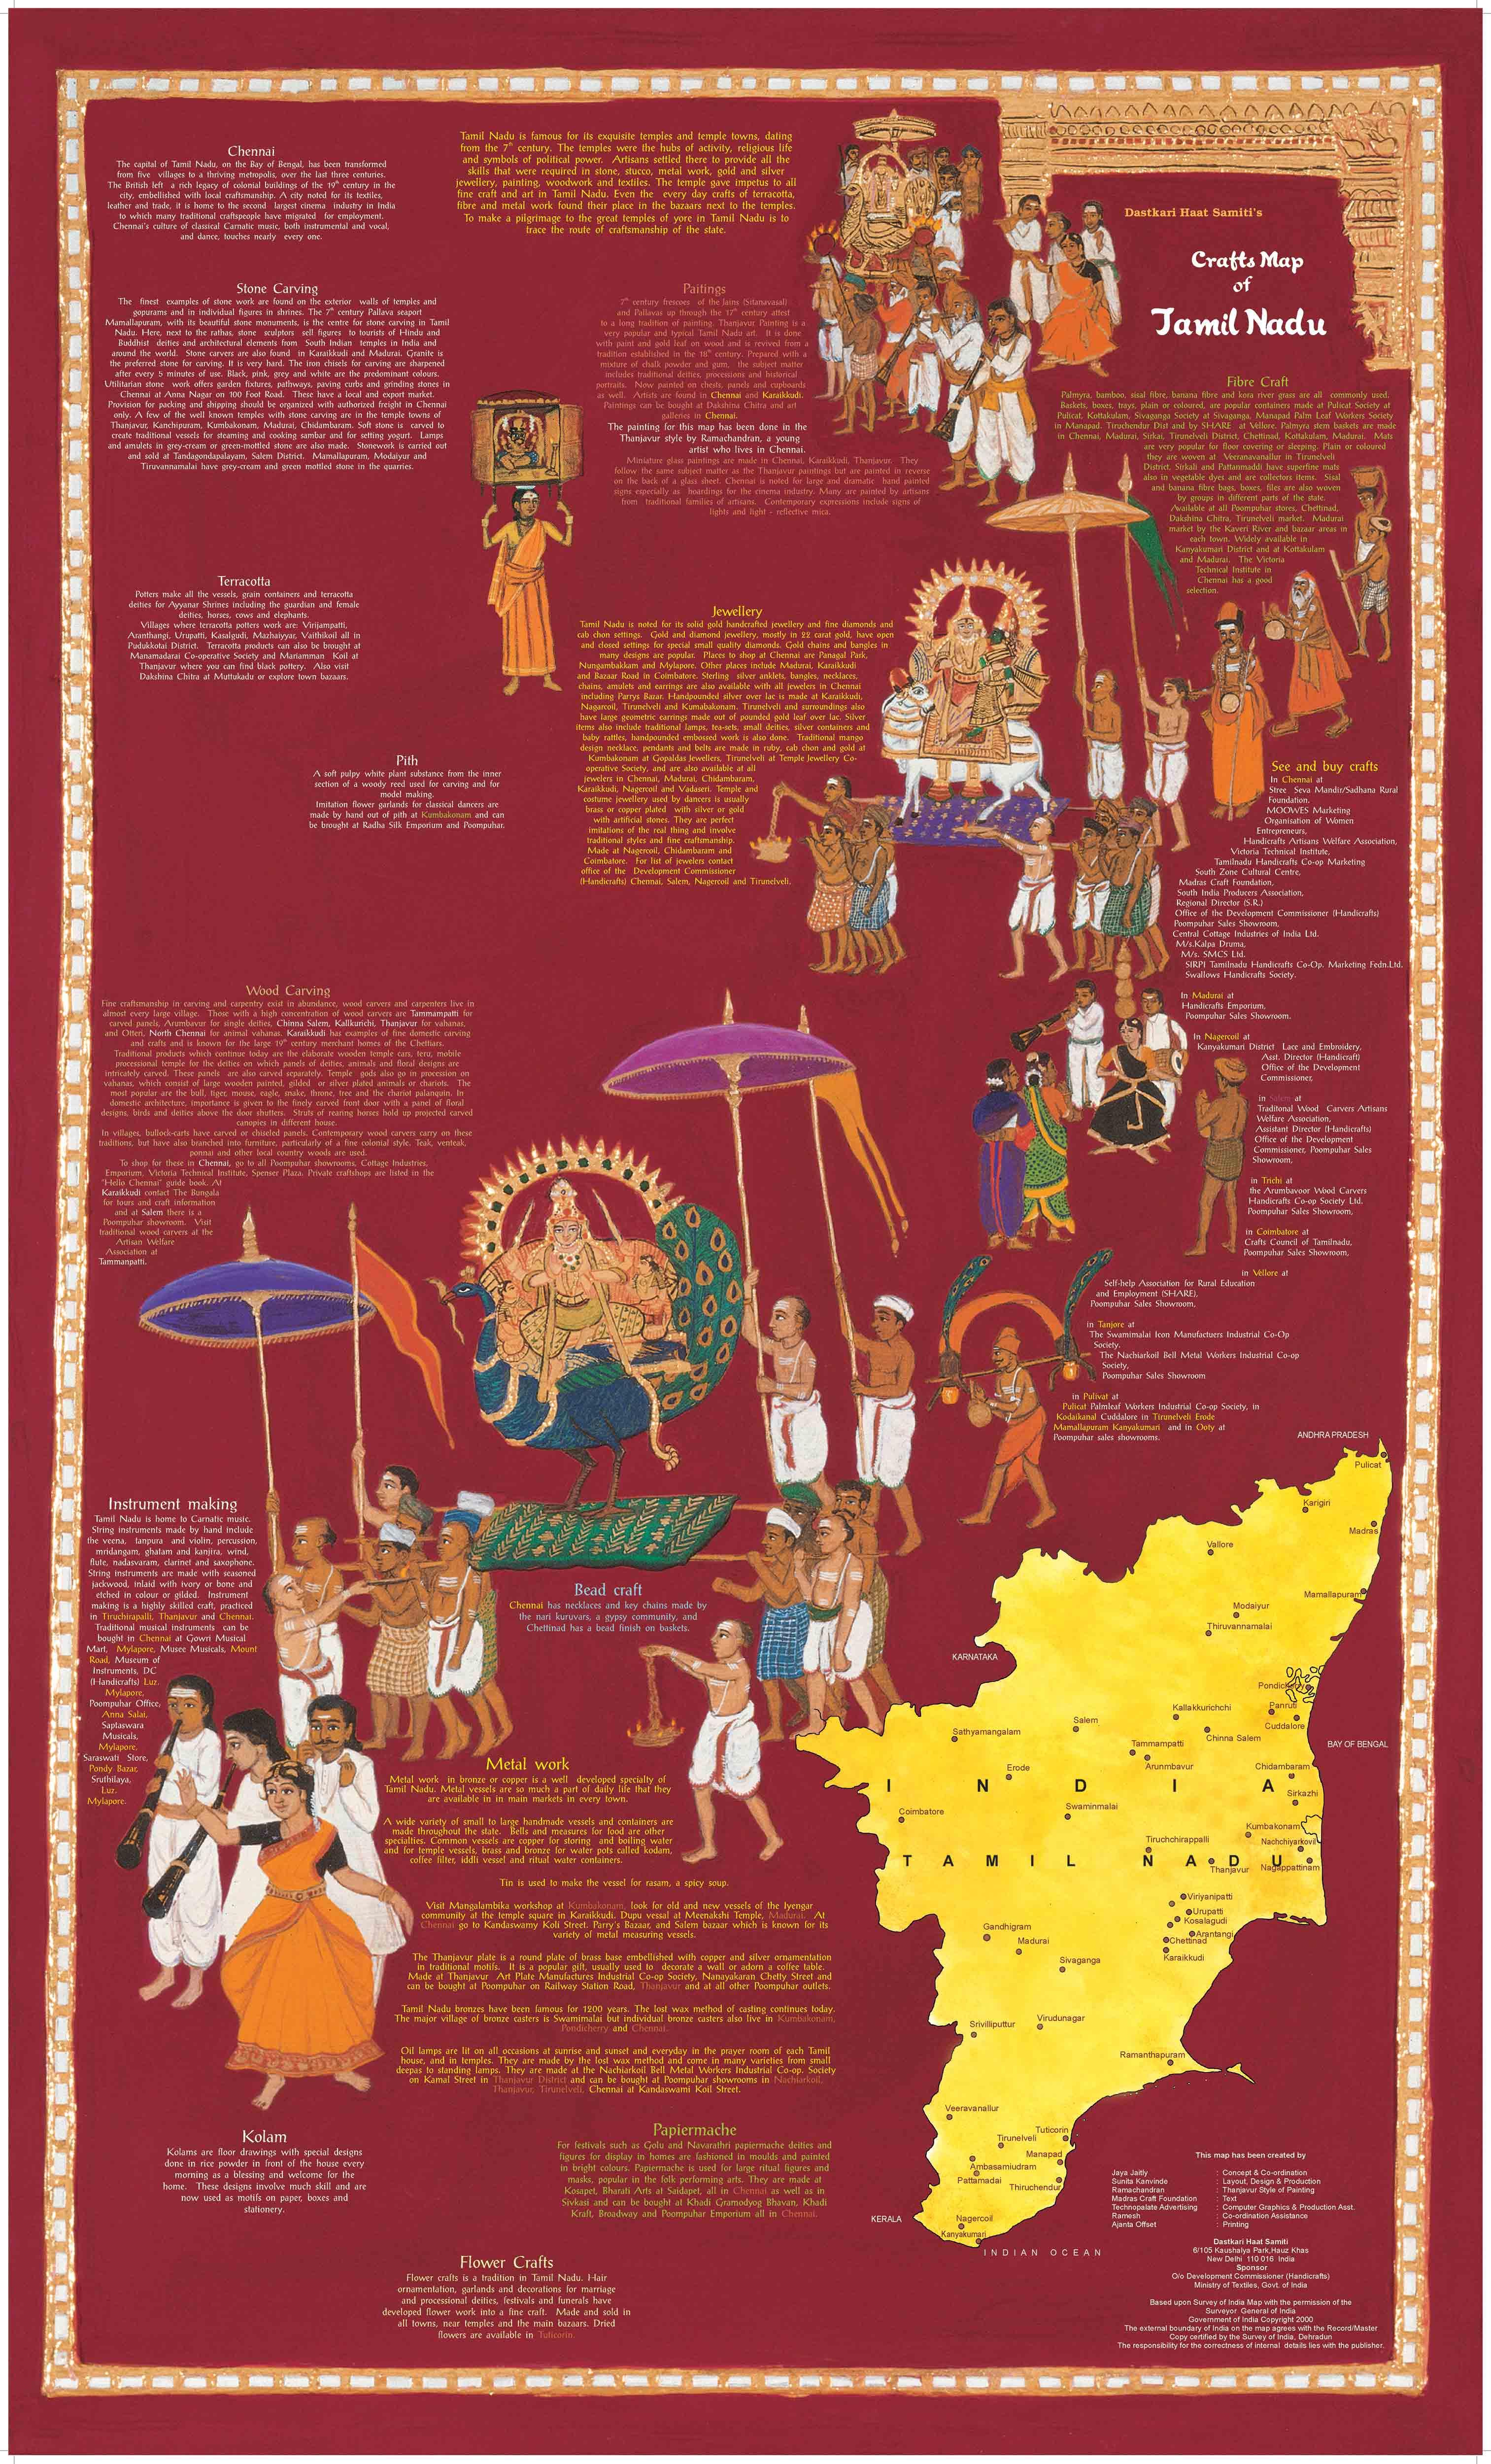 Crafts Map Of India Sahapedia